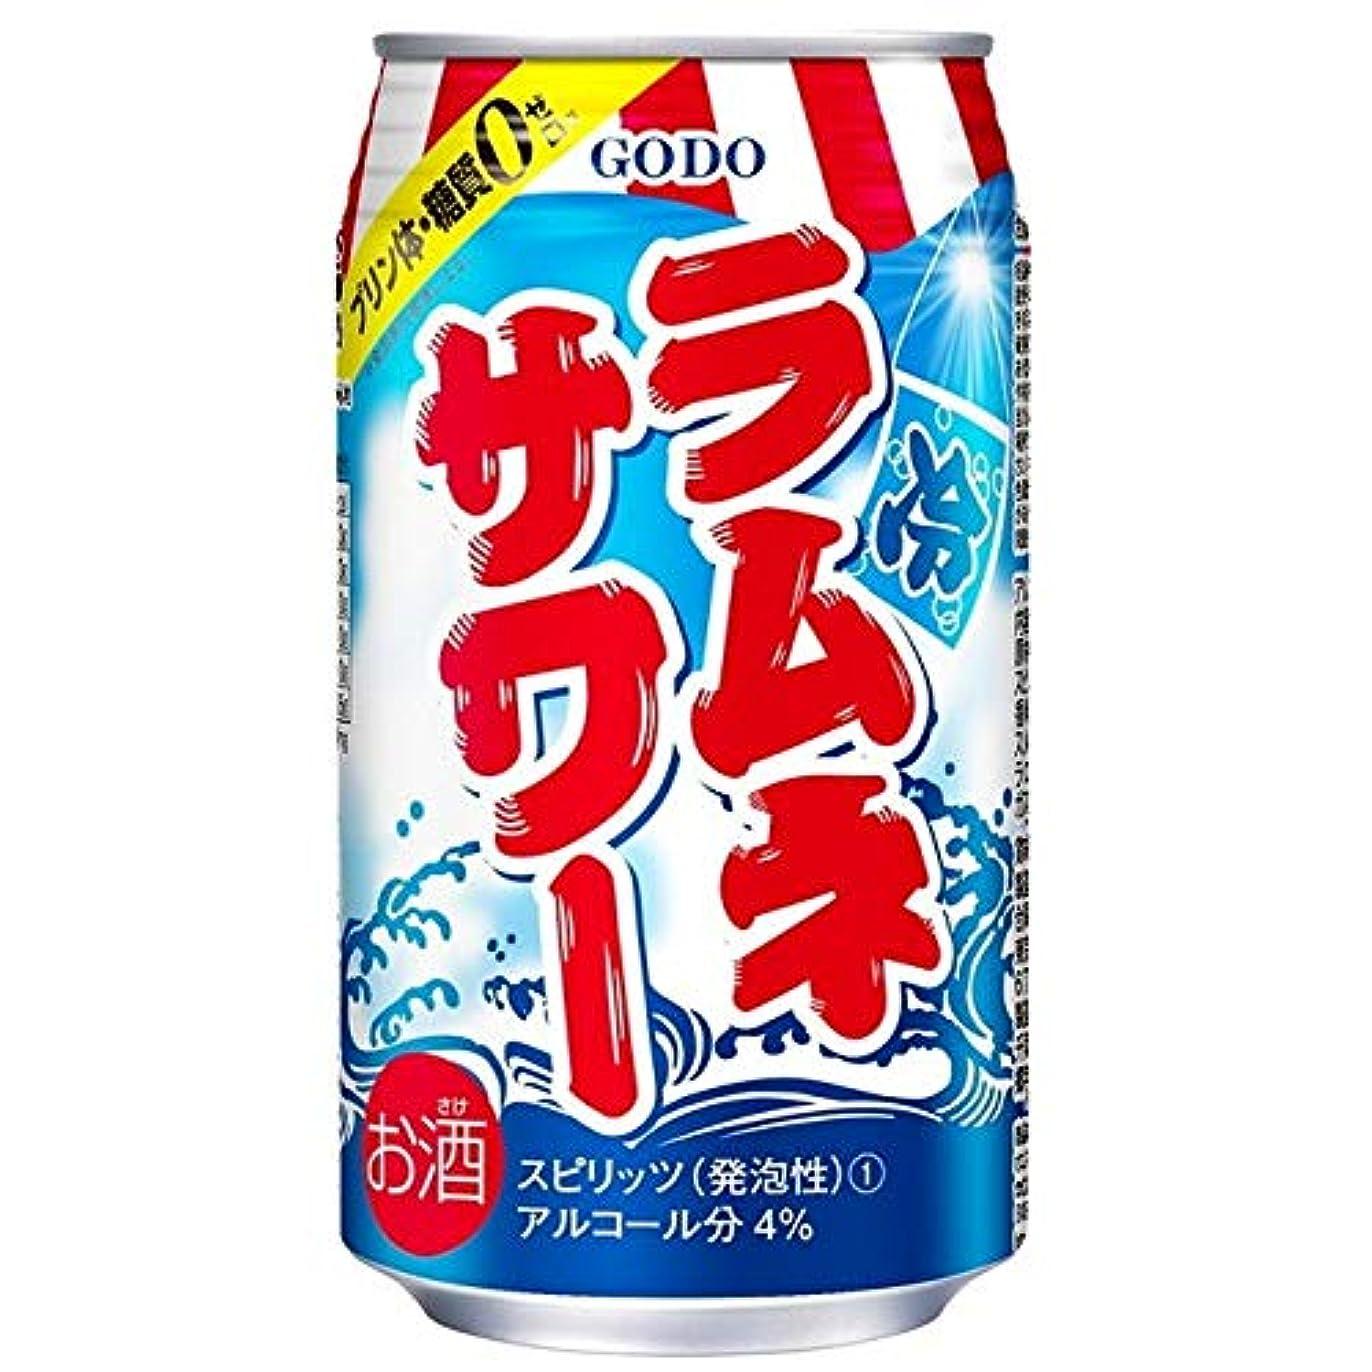 メッシュ魅惑する候補者〔缶チューハイ〕 Godo ラムネサワー 350缶 2ケース (1ケース24本入) 合同酒精 (350ml)